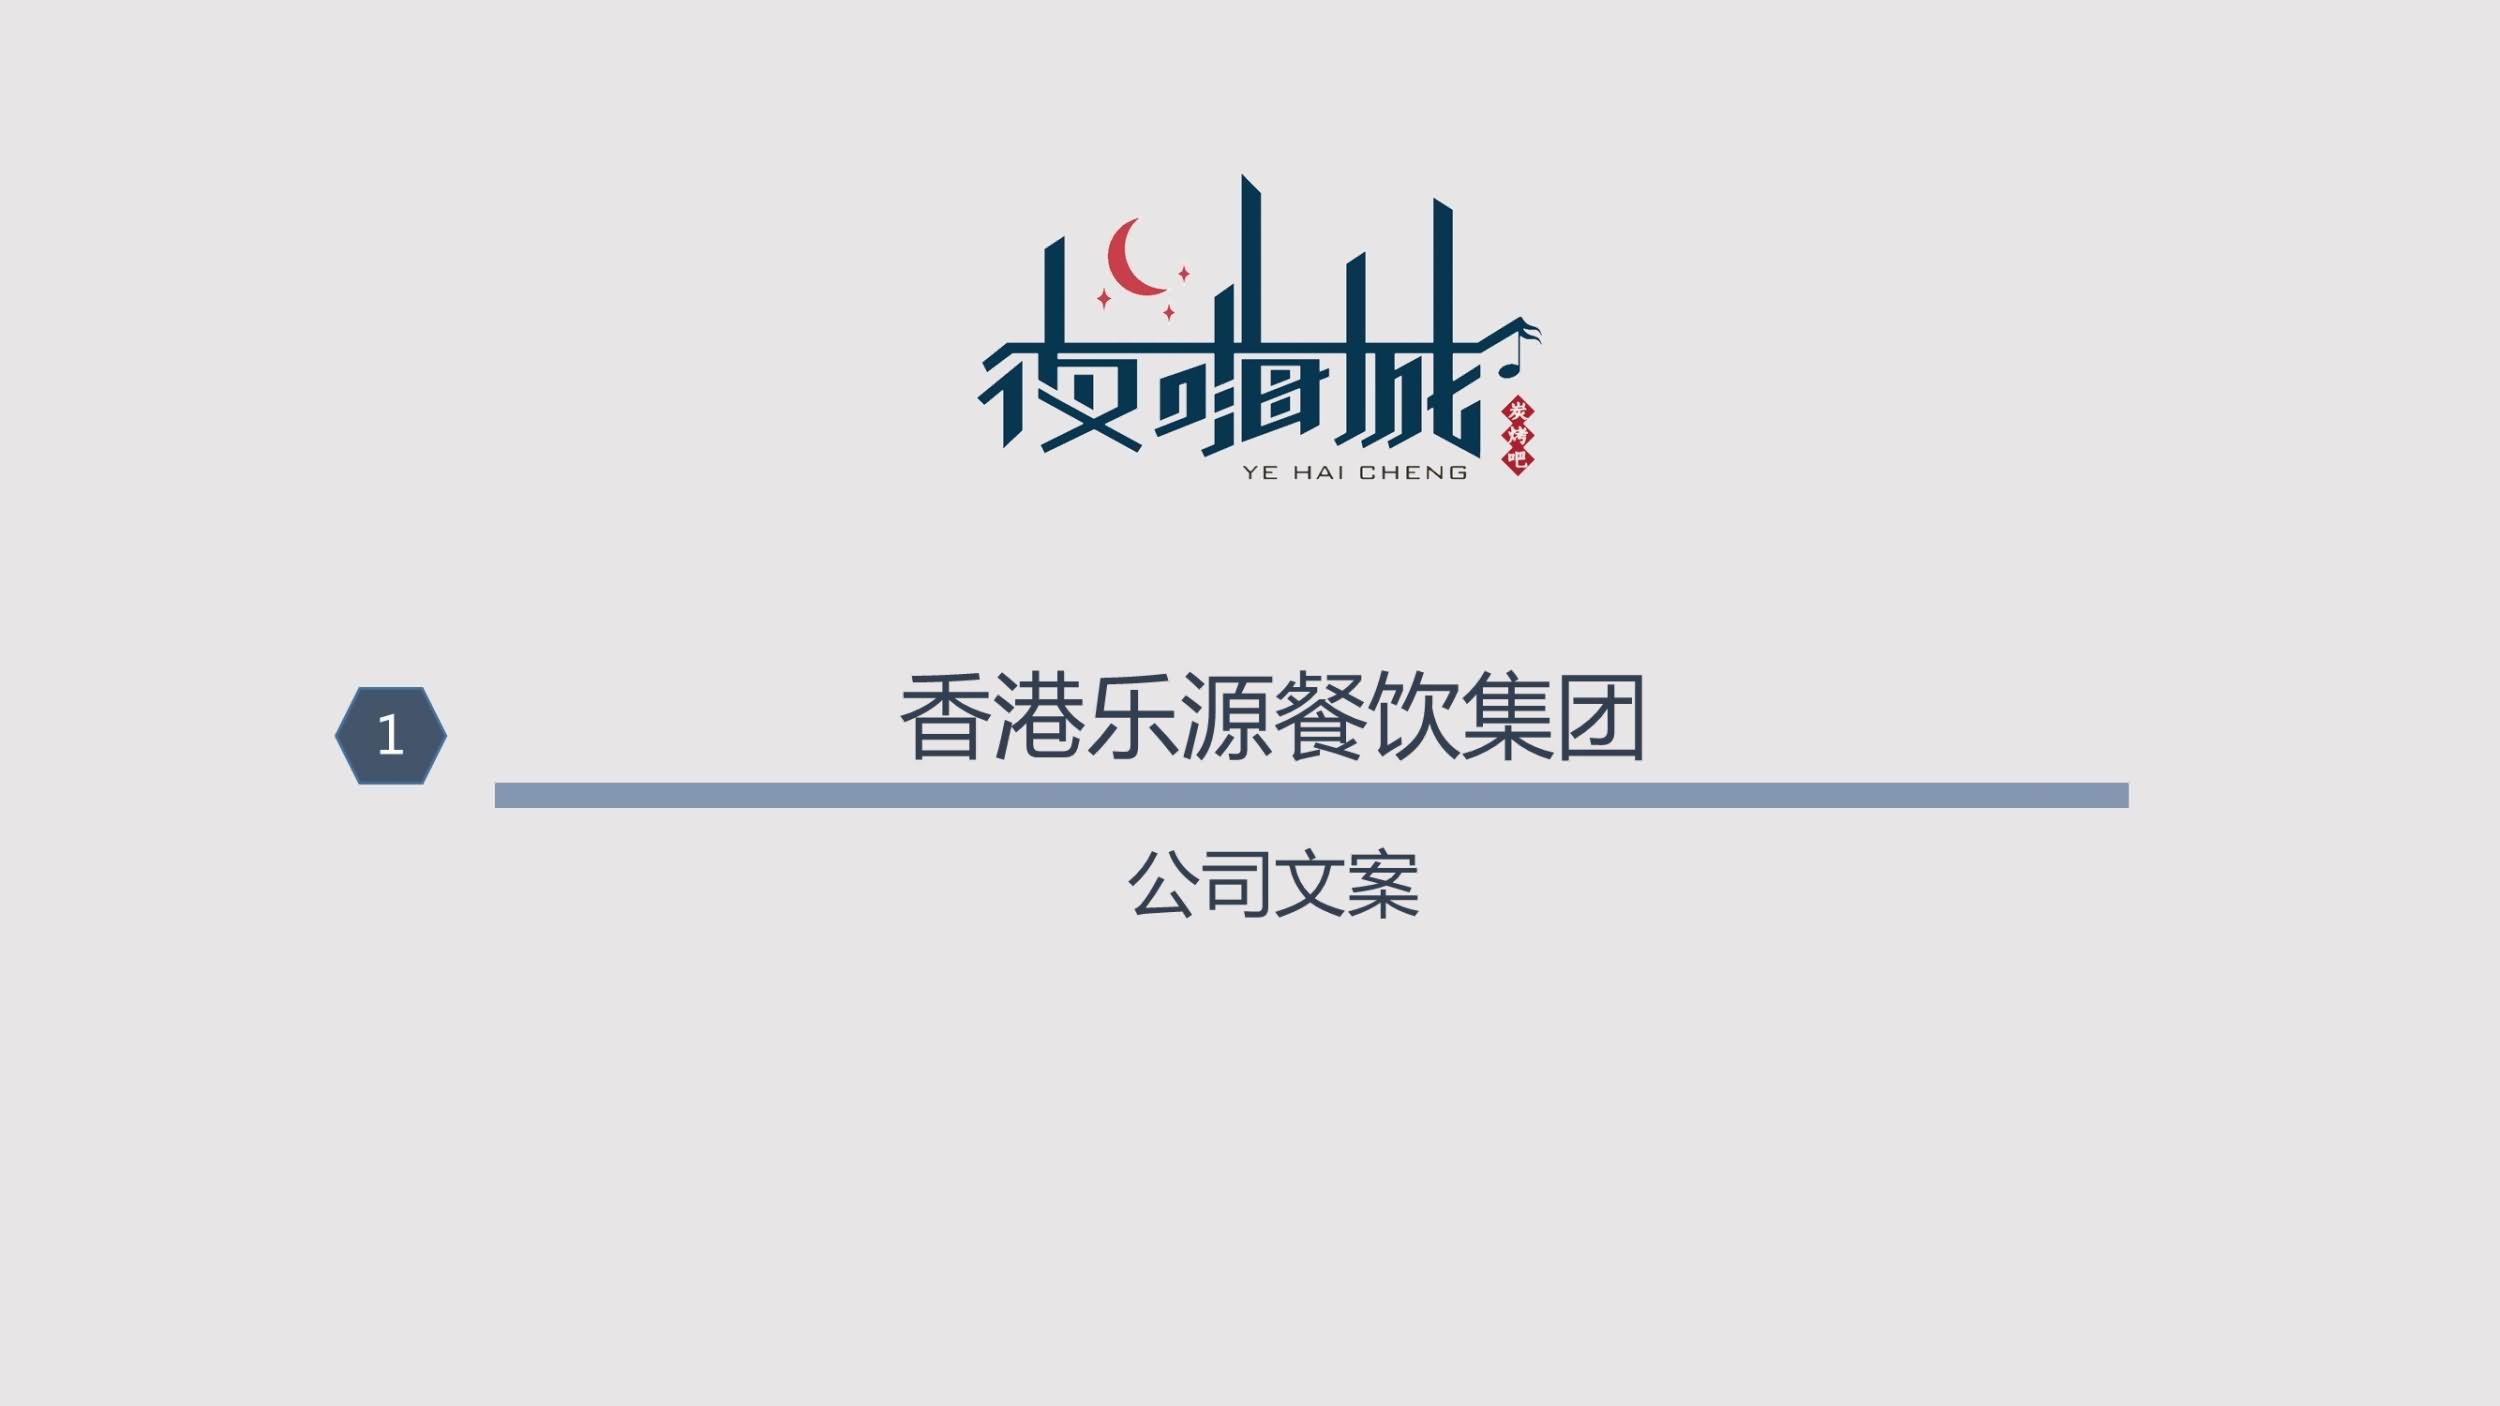 香港乐源餐饮集团有限公司3